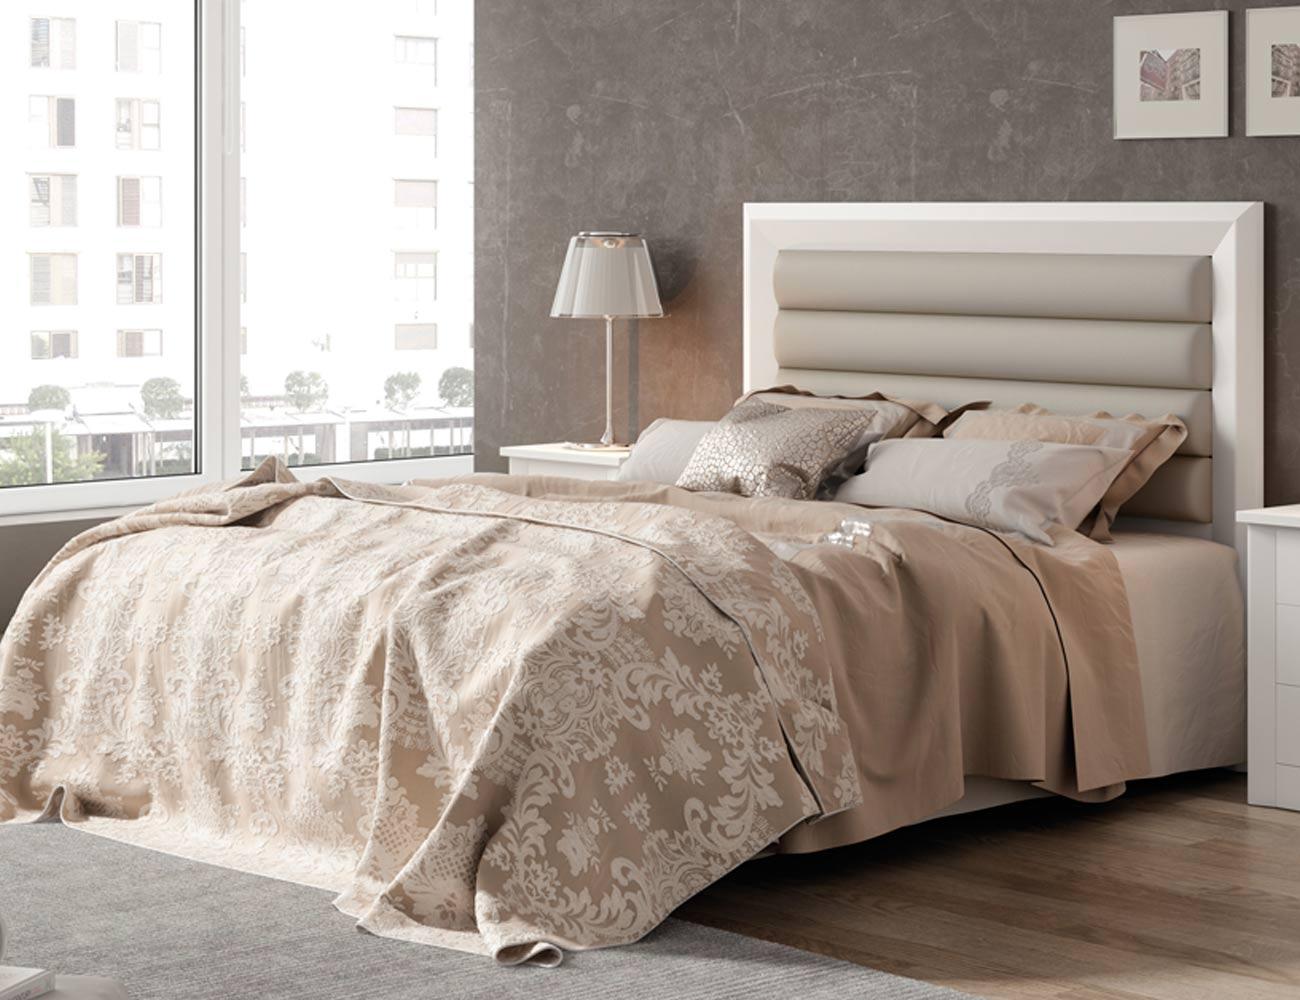 80150 cabecero tapizado 150 cm blanco lacado madera dm